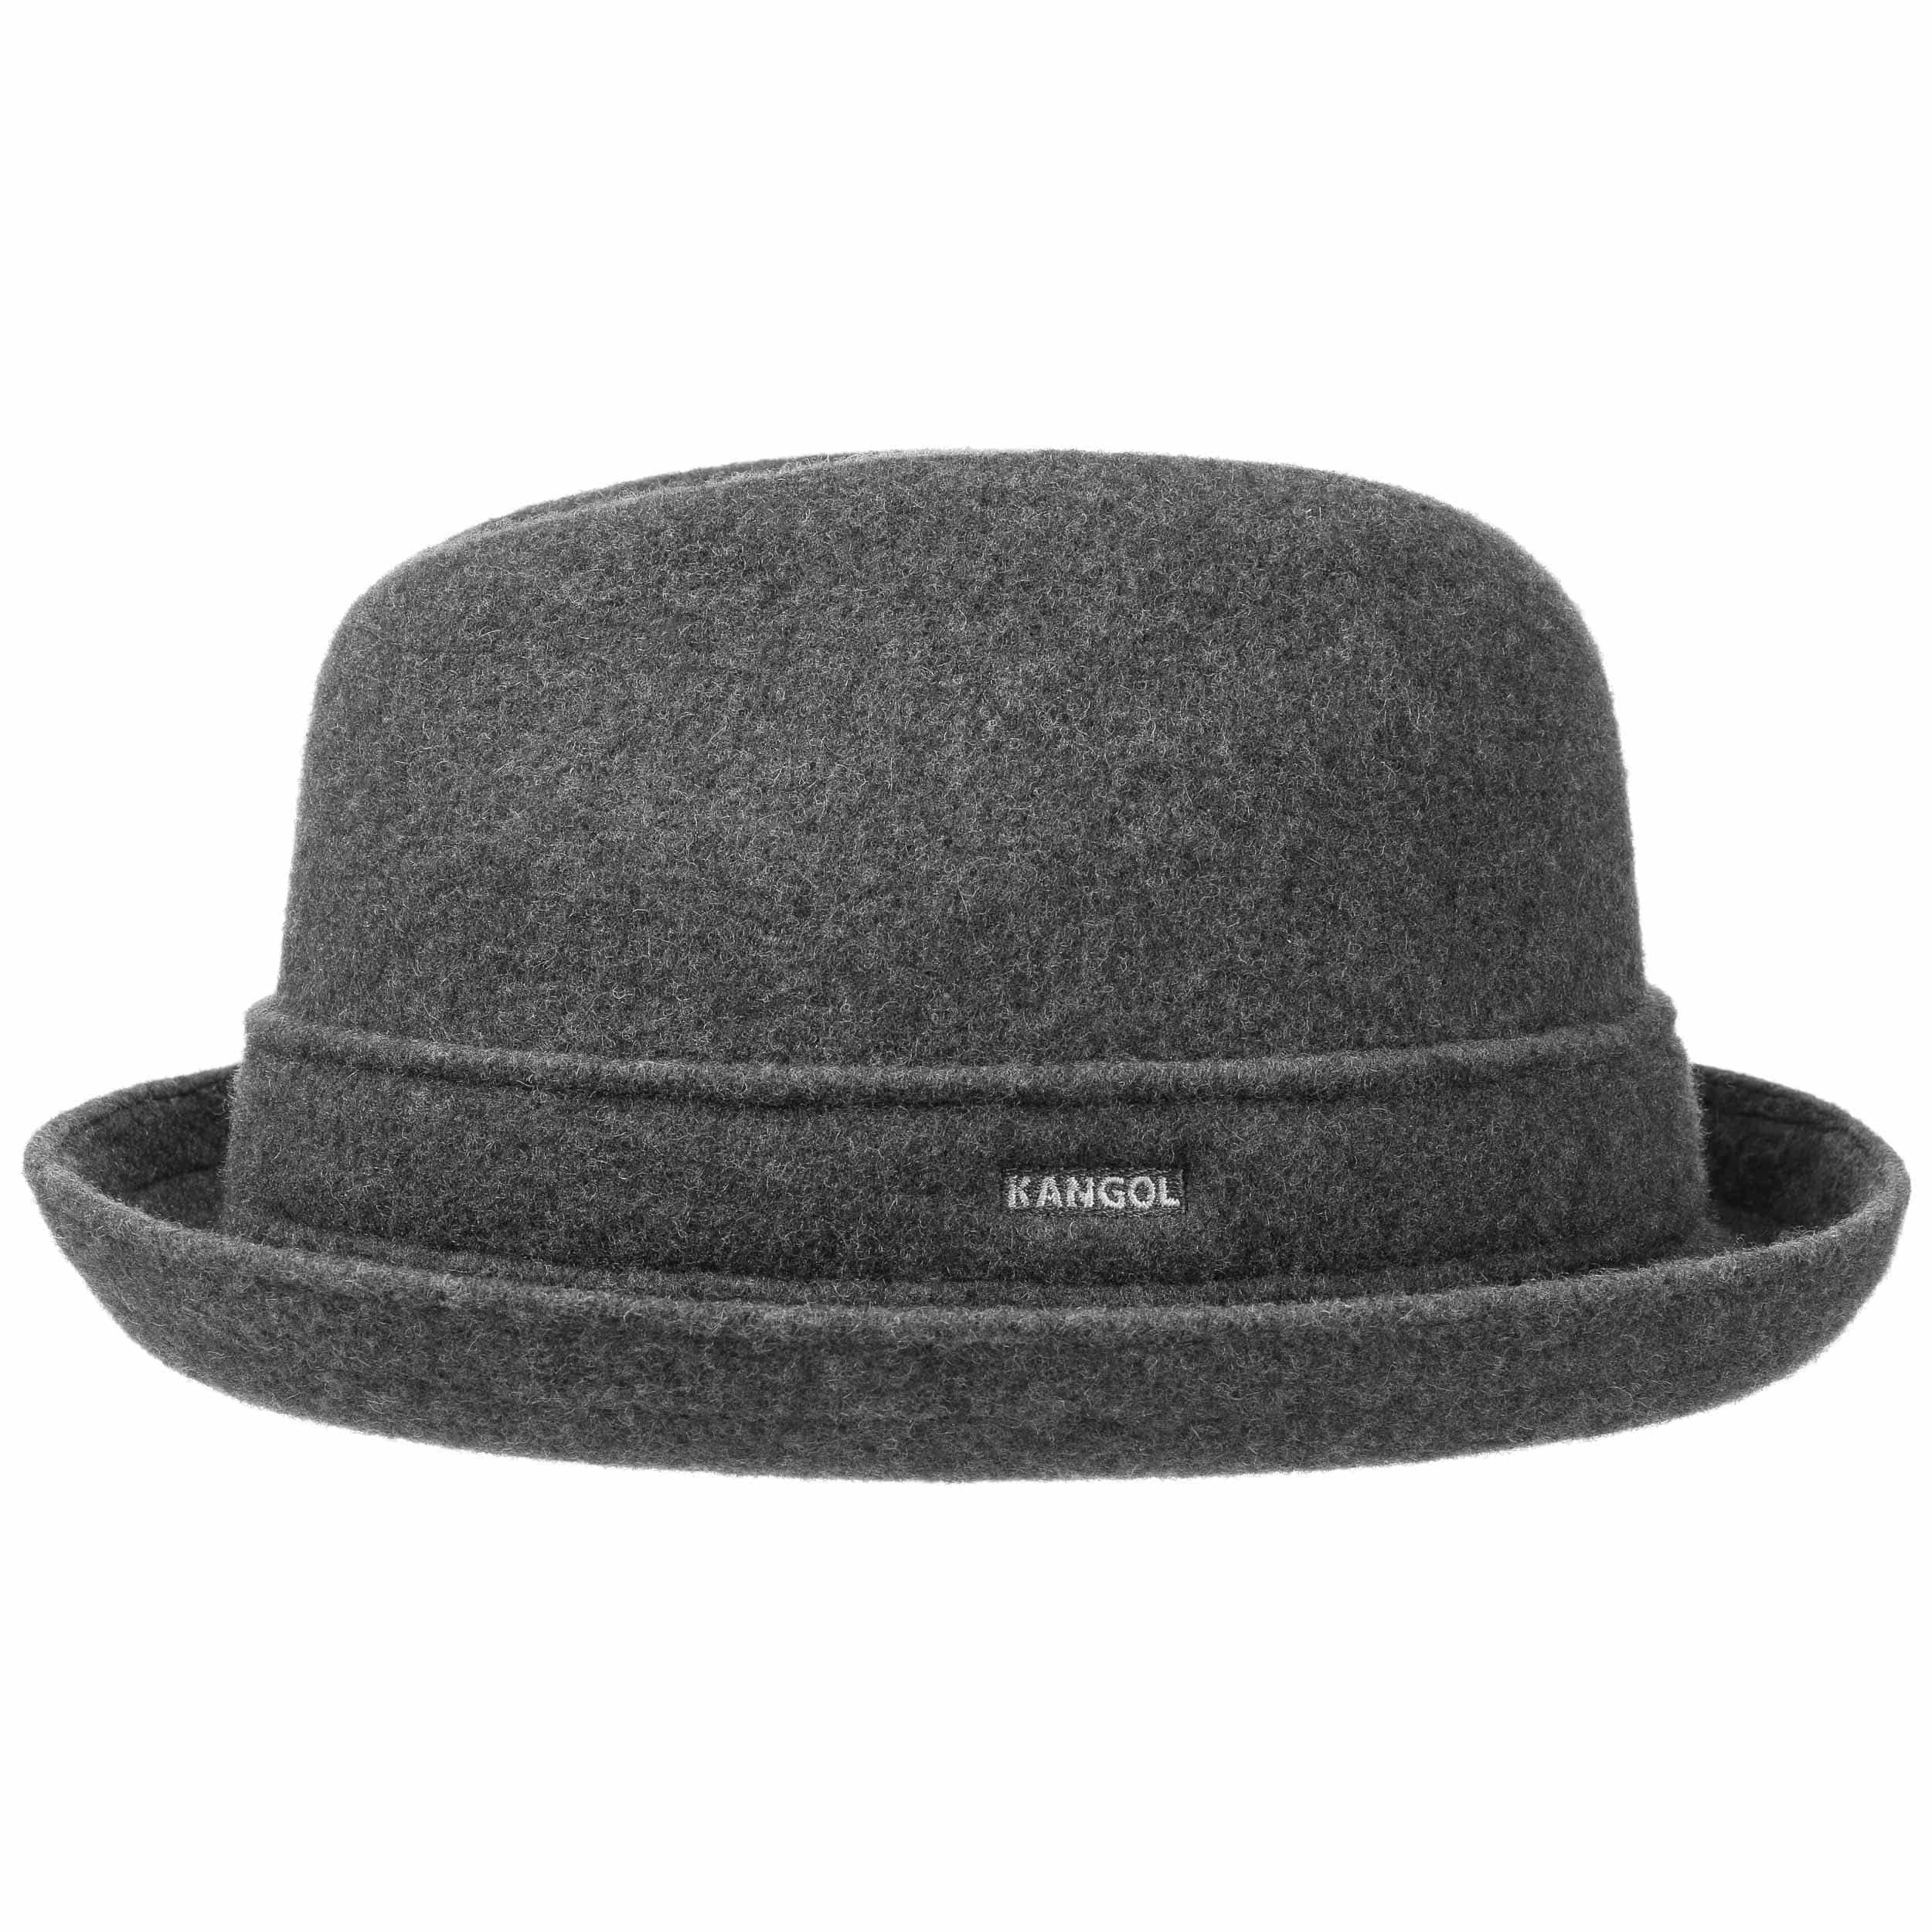 ... Sombrero Player de Lana Kangol - negro 4 ceb30aa26e2